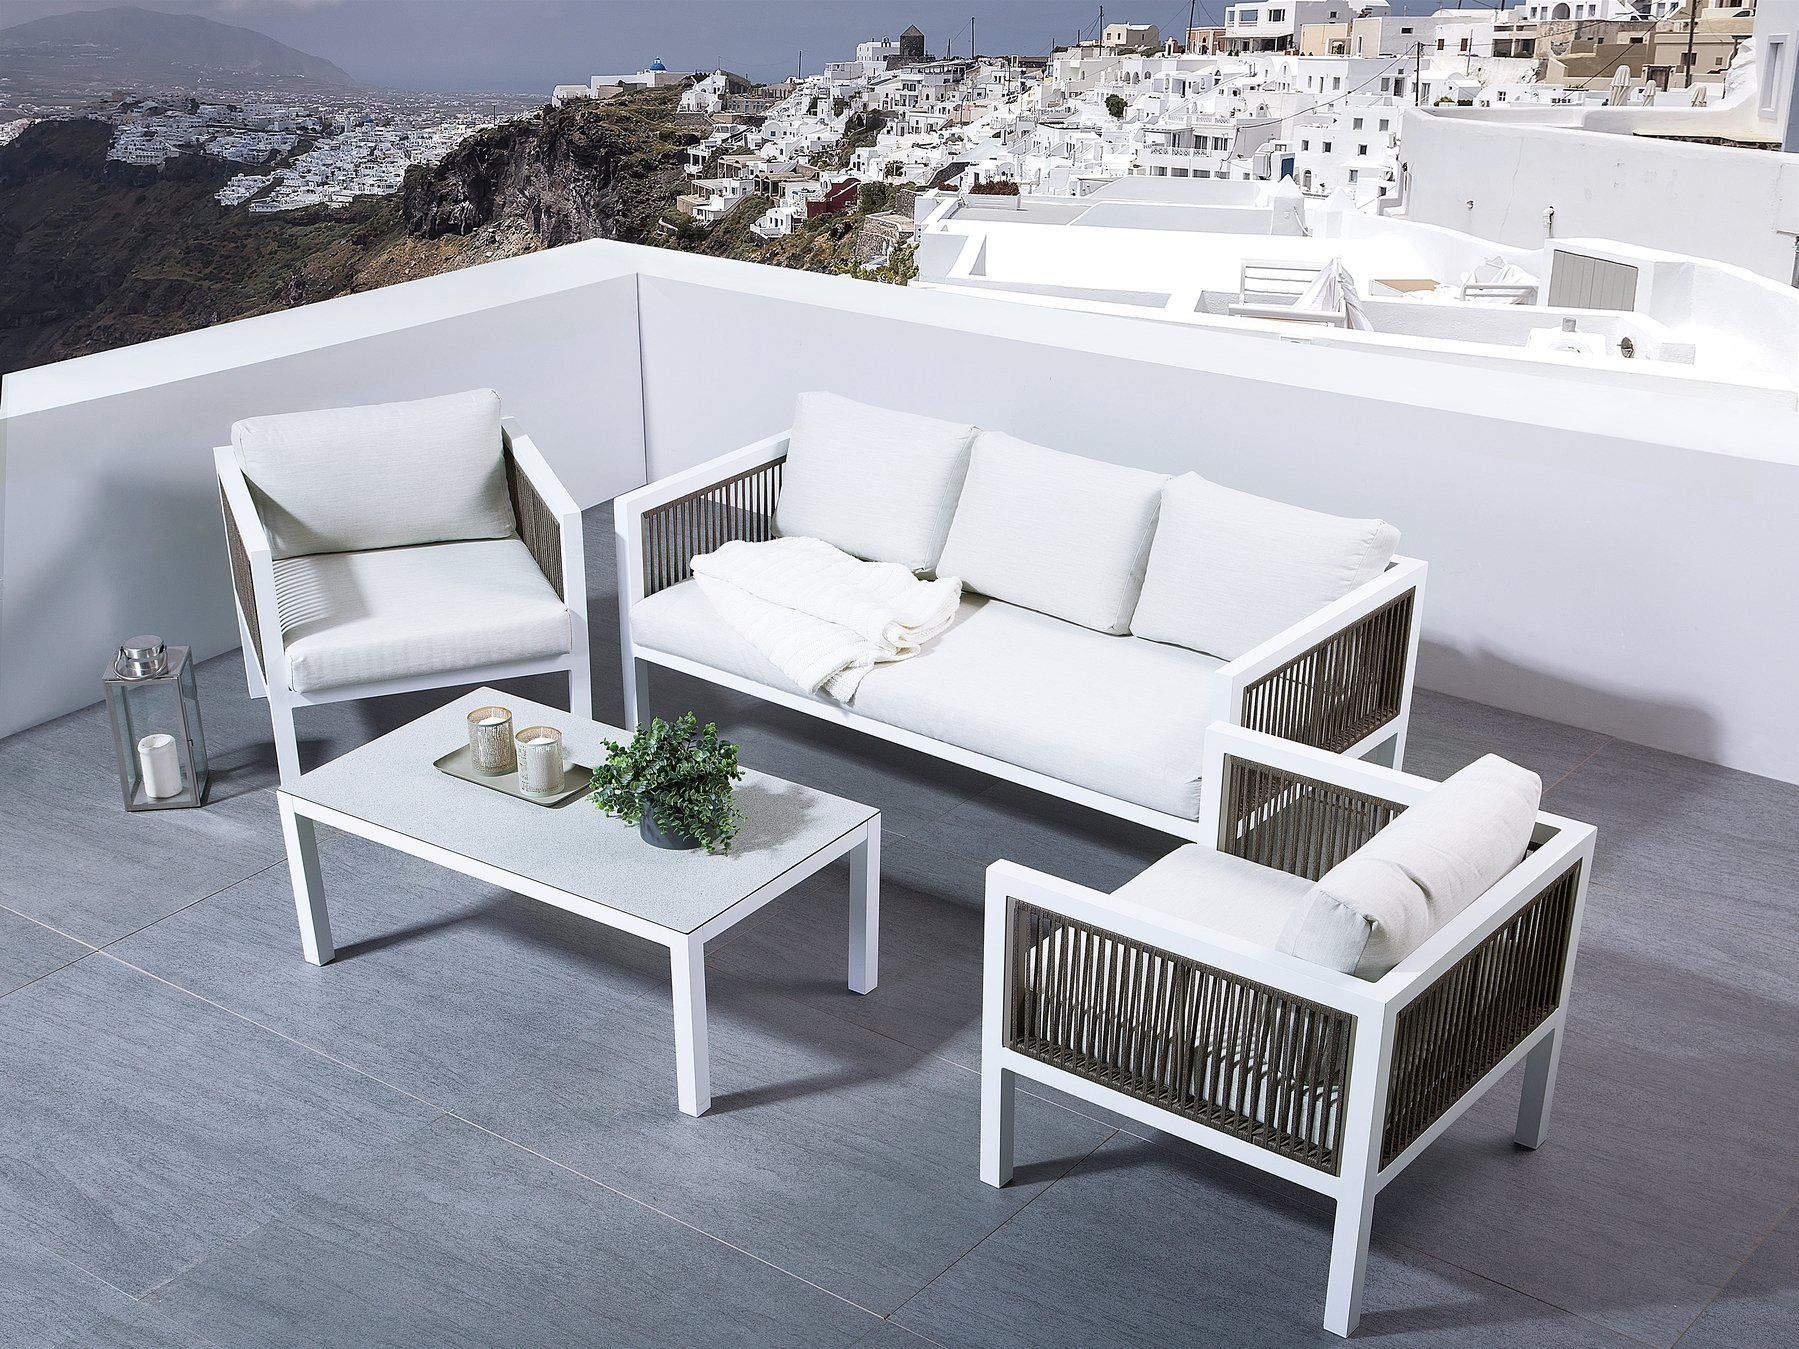 5 Seater Aluminium Garden Sofa Set White Borello Garden Sofa Set Outdoor Patio Furniture Sets Sofa Set